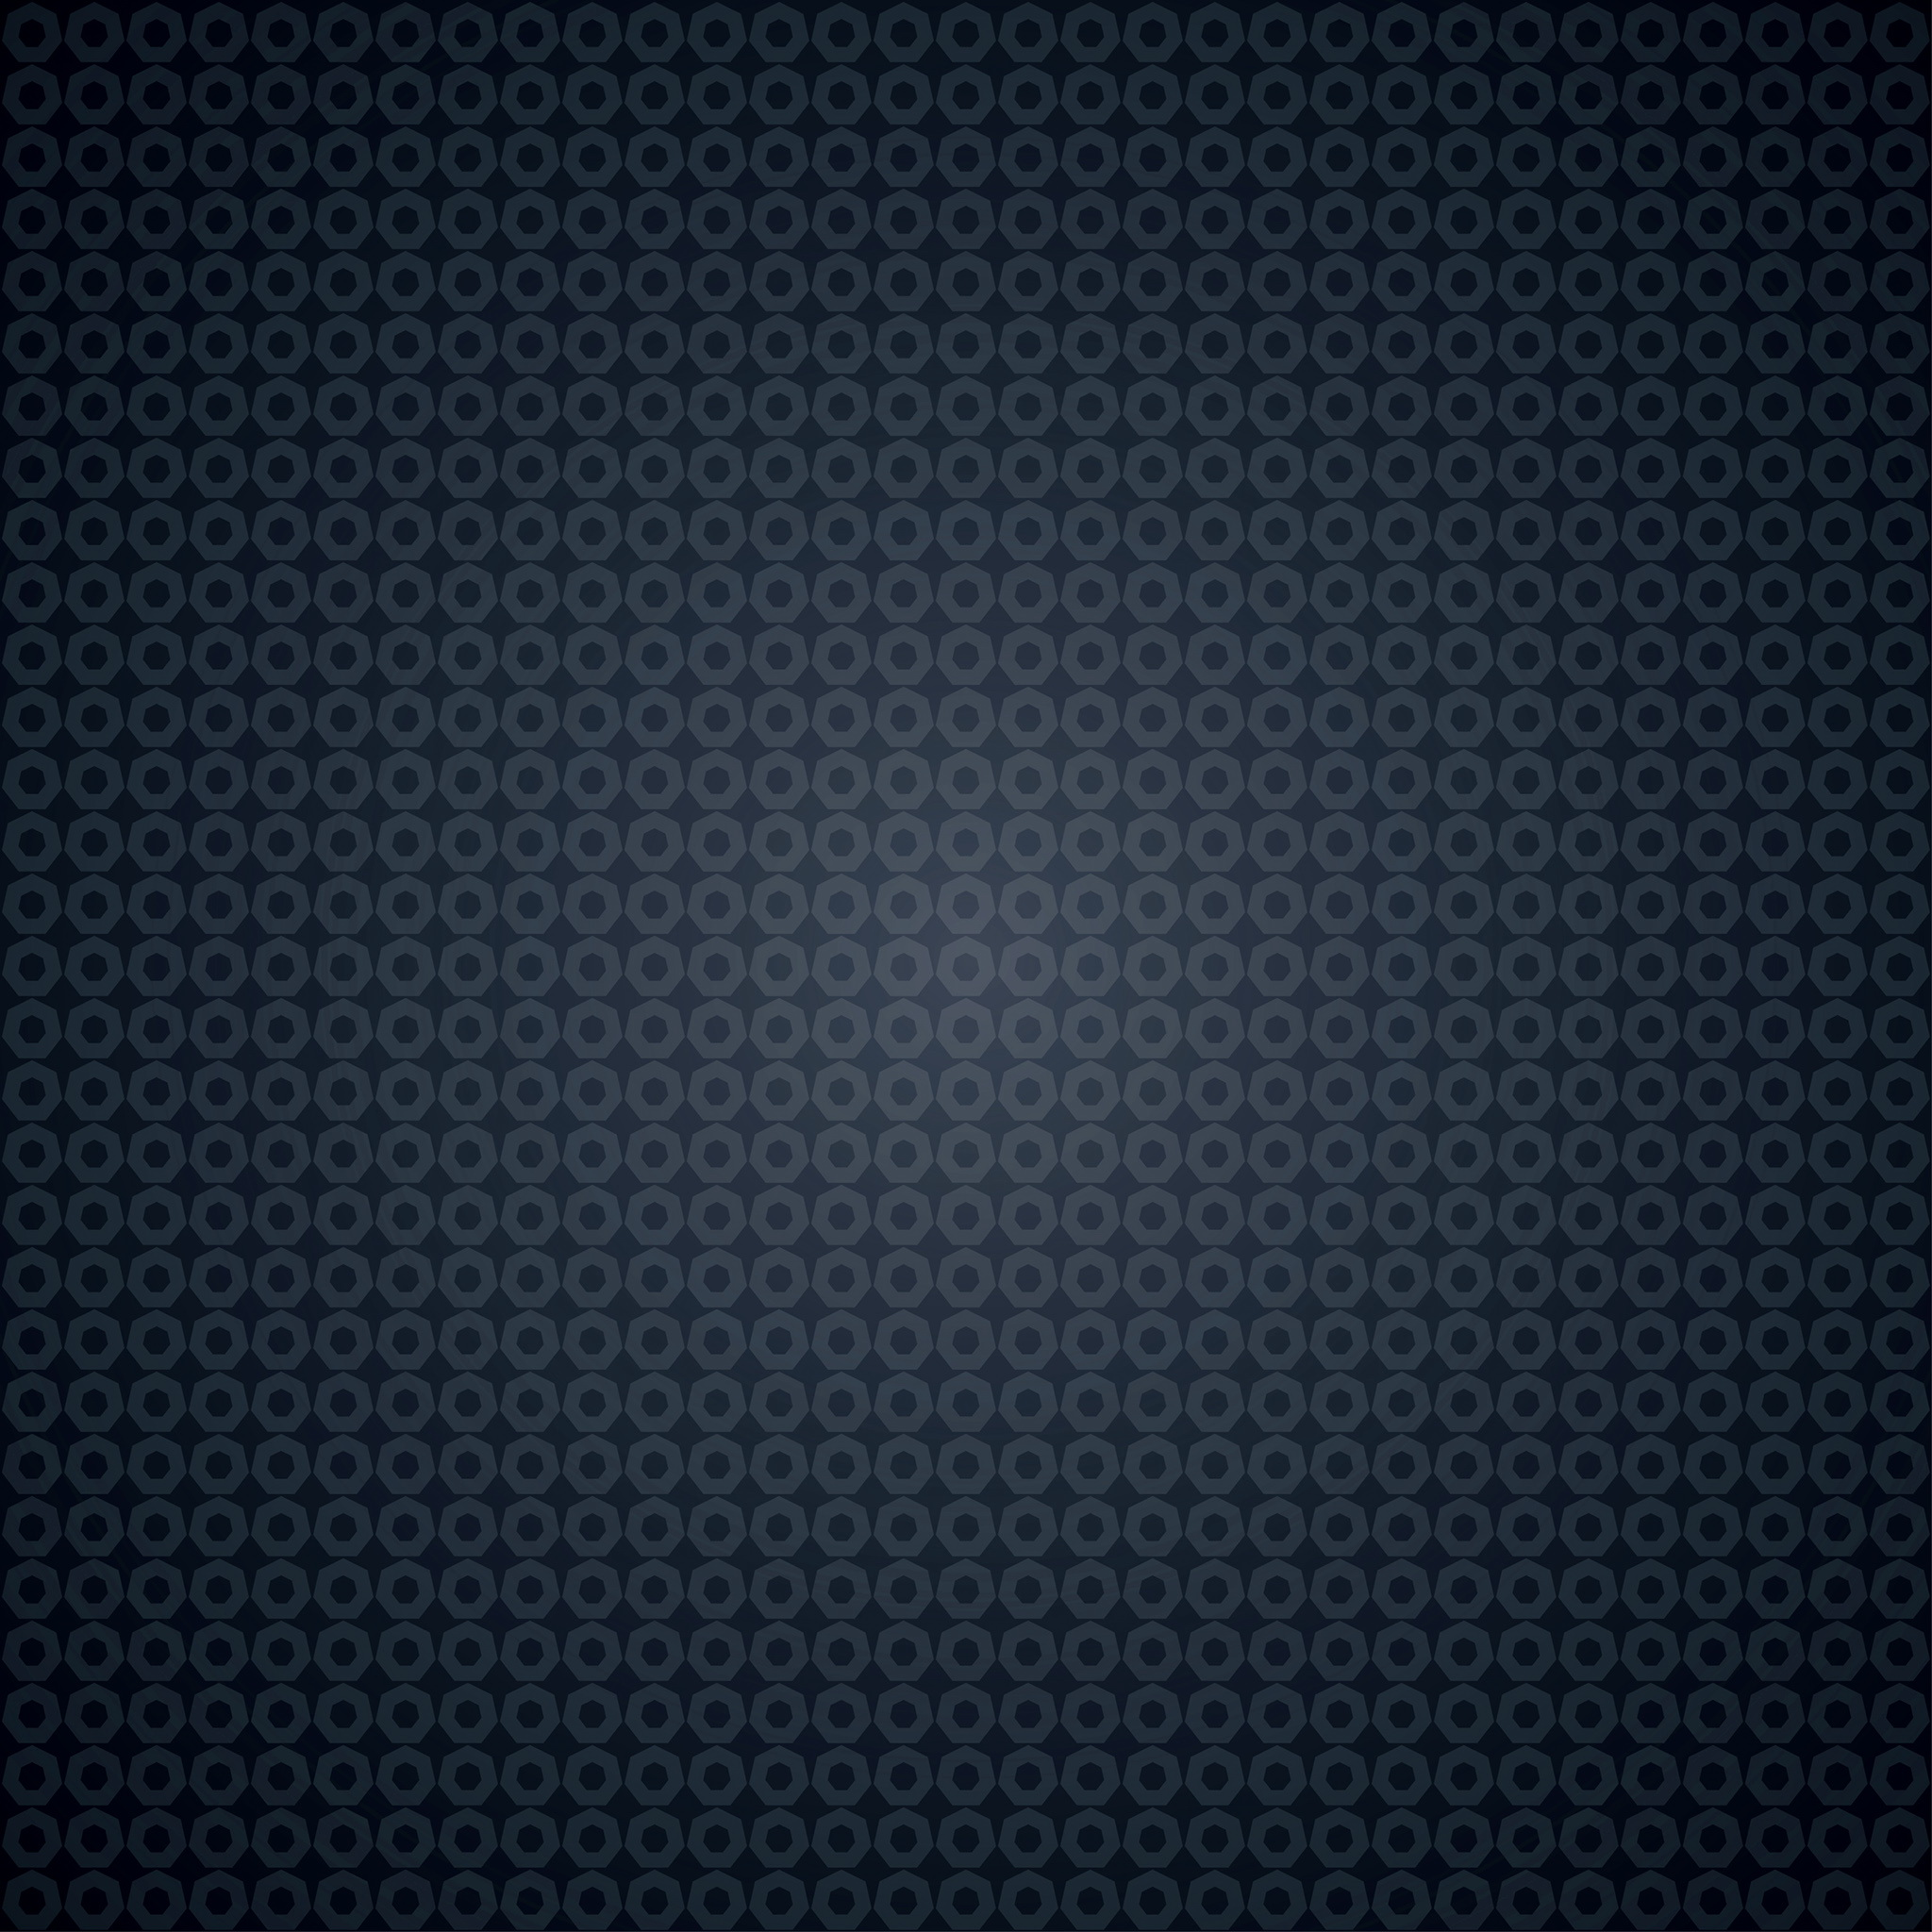 Todays new iPad wallpapers 20102012 new ipad wallpaper hd 2048 2048x2048